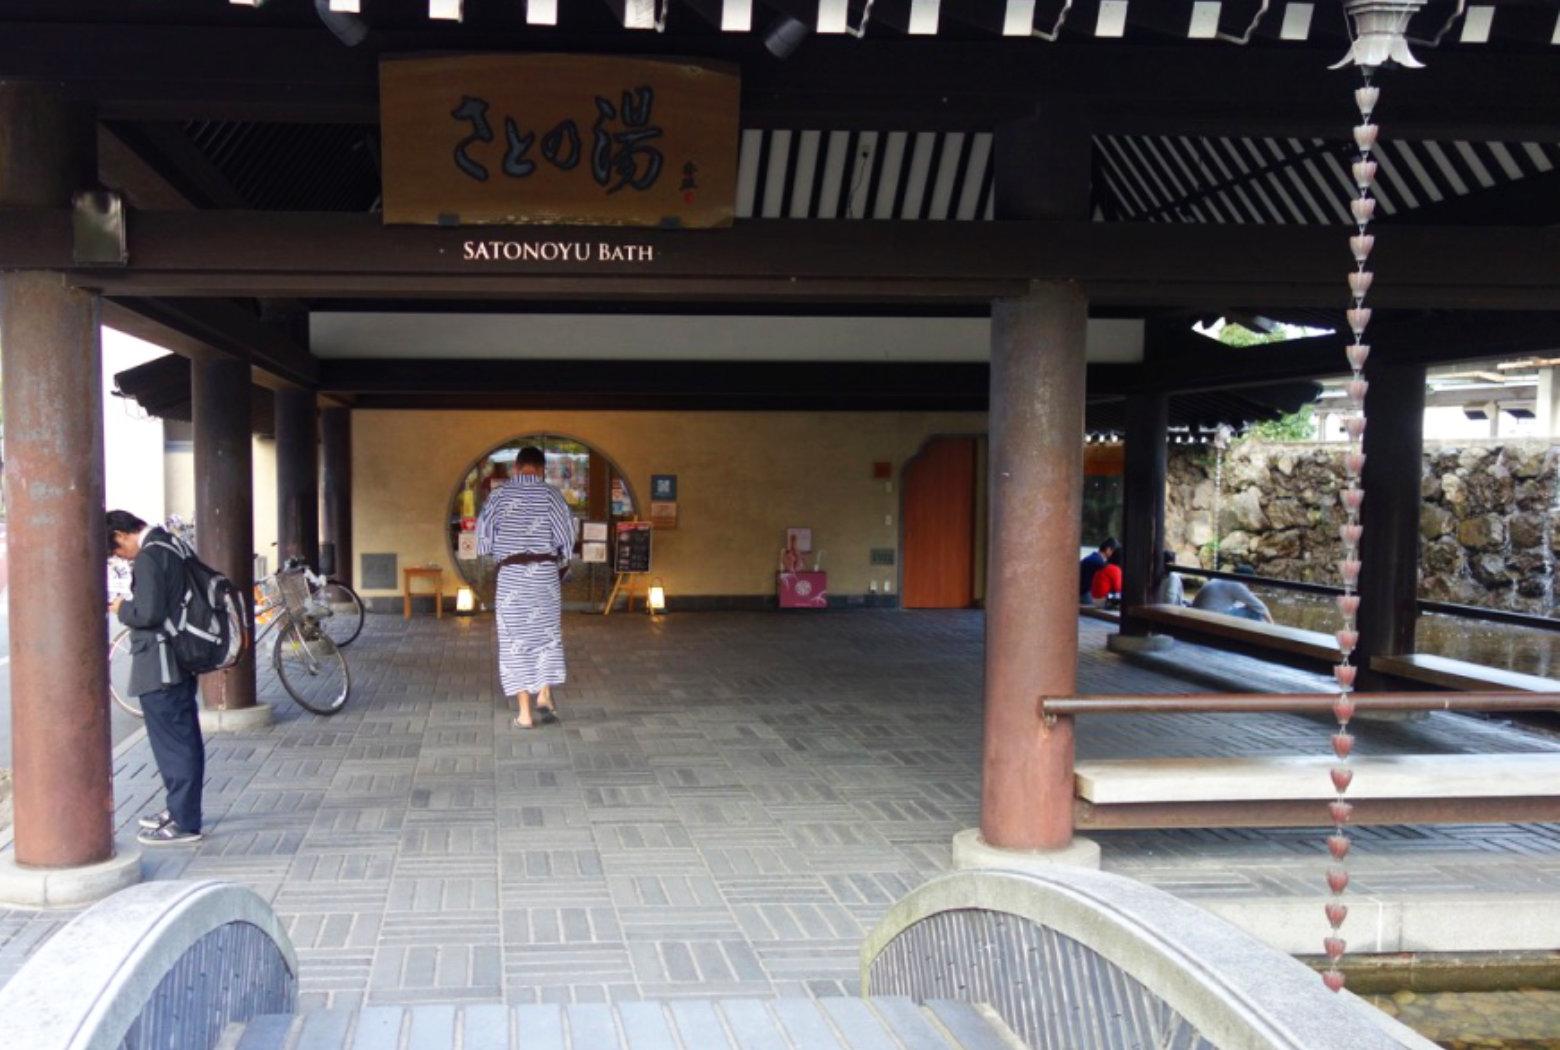 Japan Onsen Satonoyu